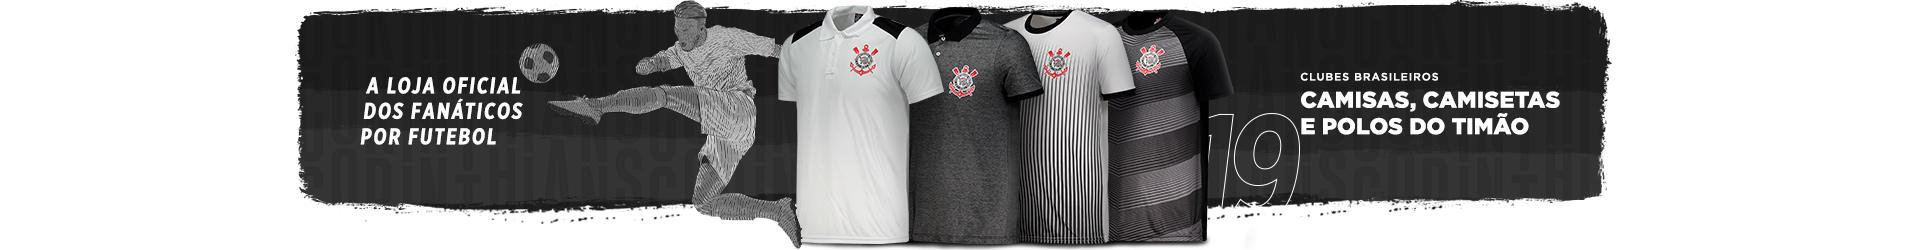 59837bcb1bcbd Camisas e Produtos do Corinthians - FutFanatics